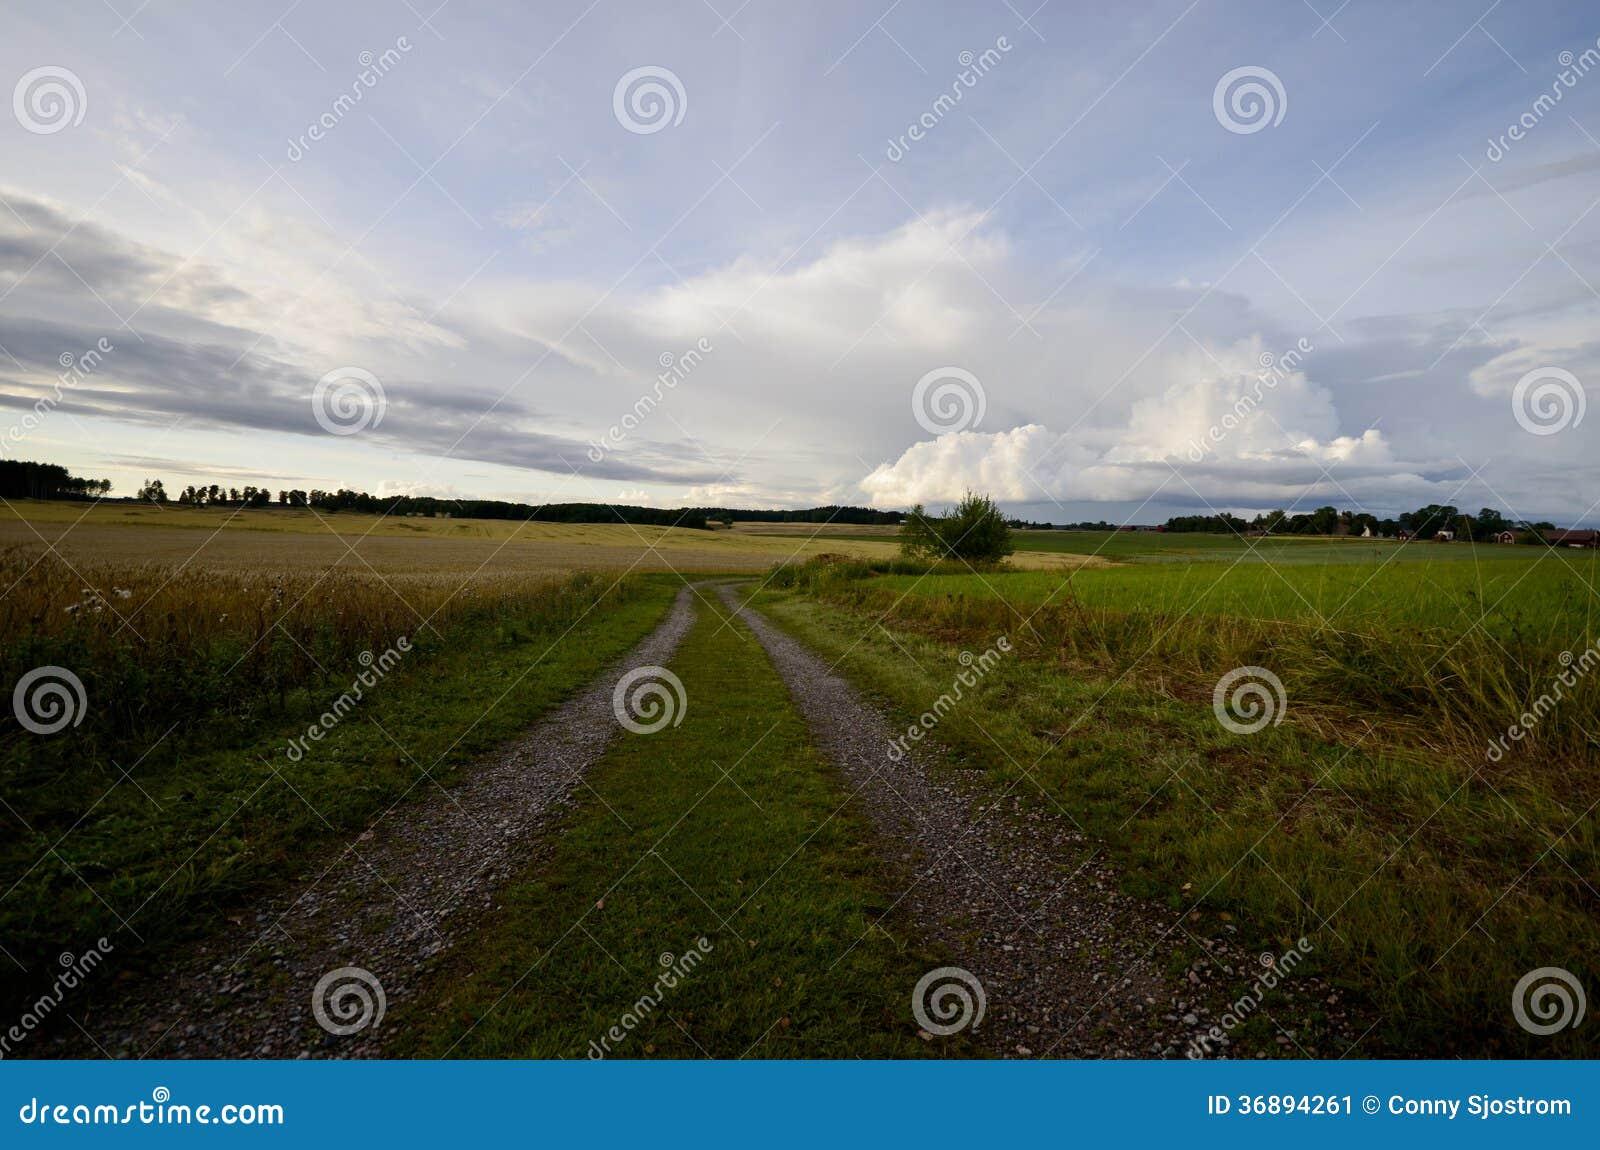 Download Terreno agricolo immagine stock. Immagine di paese, agricolo - 36894261